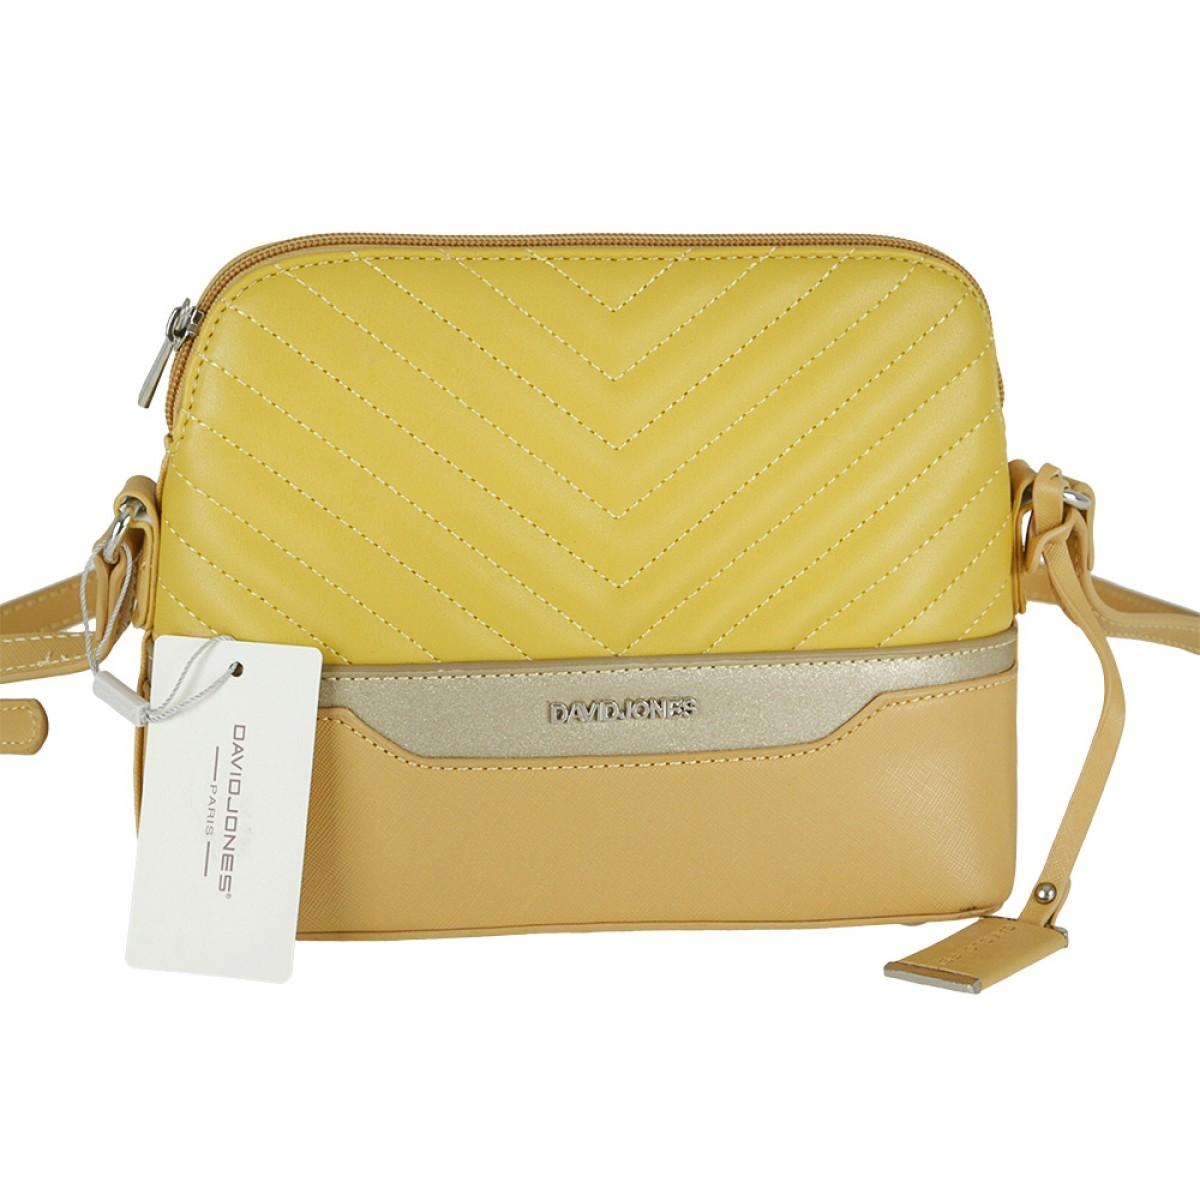 Жіноча сумка David Jones 6220-1 YELLOW